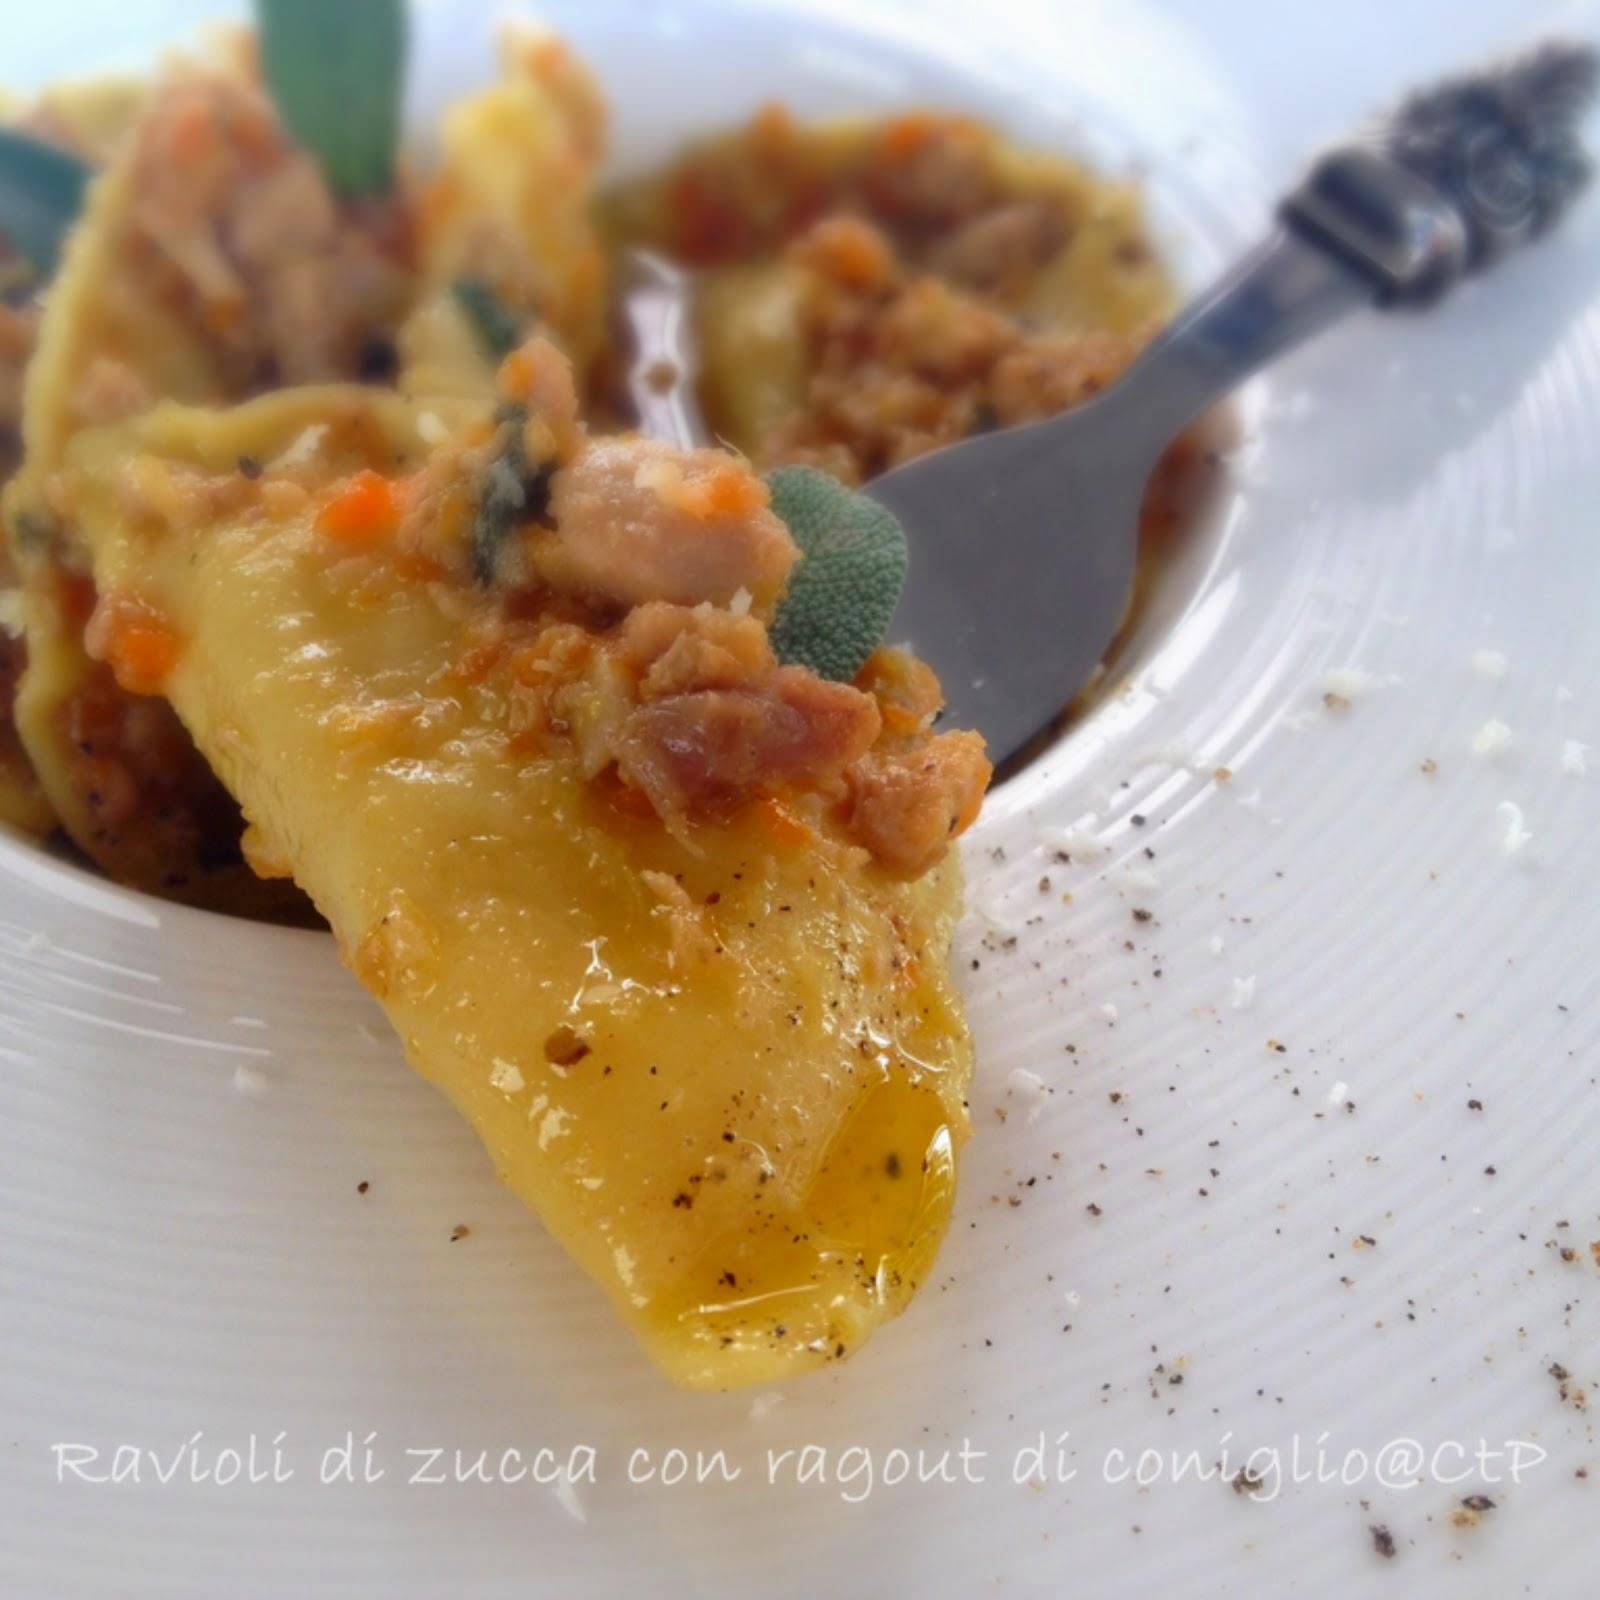 vernacchia san gimignano Ravioli di Zucca con ragout di coniglio